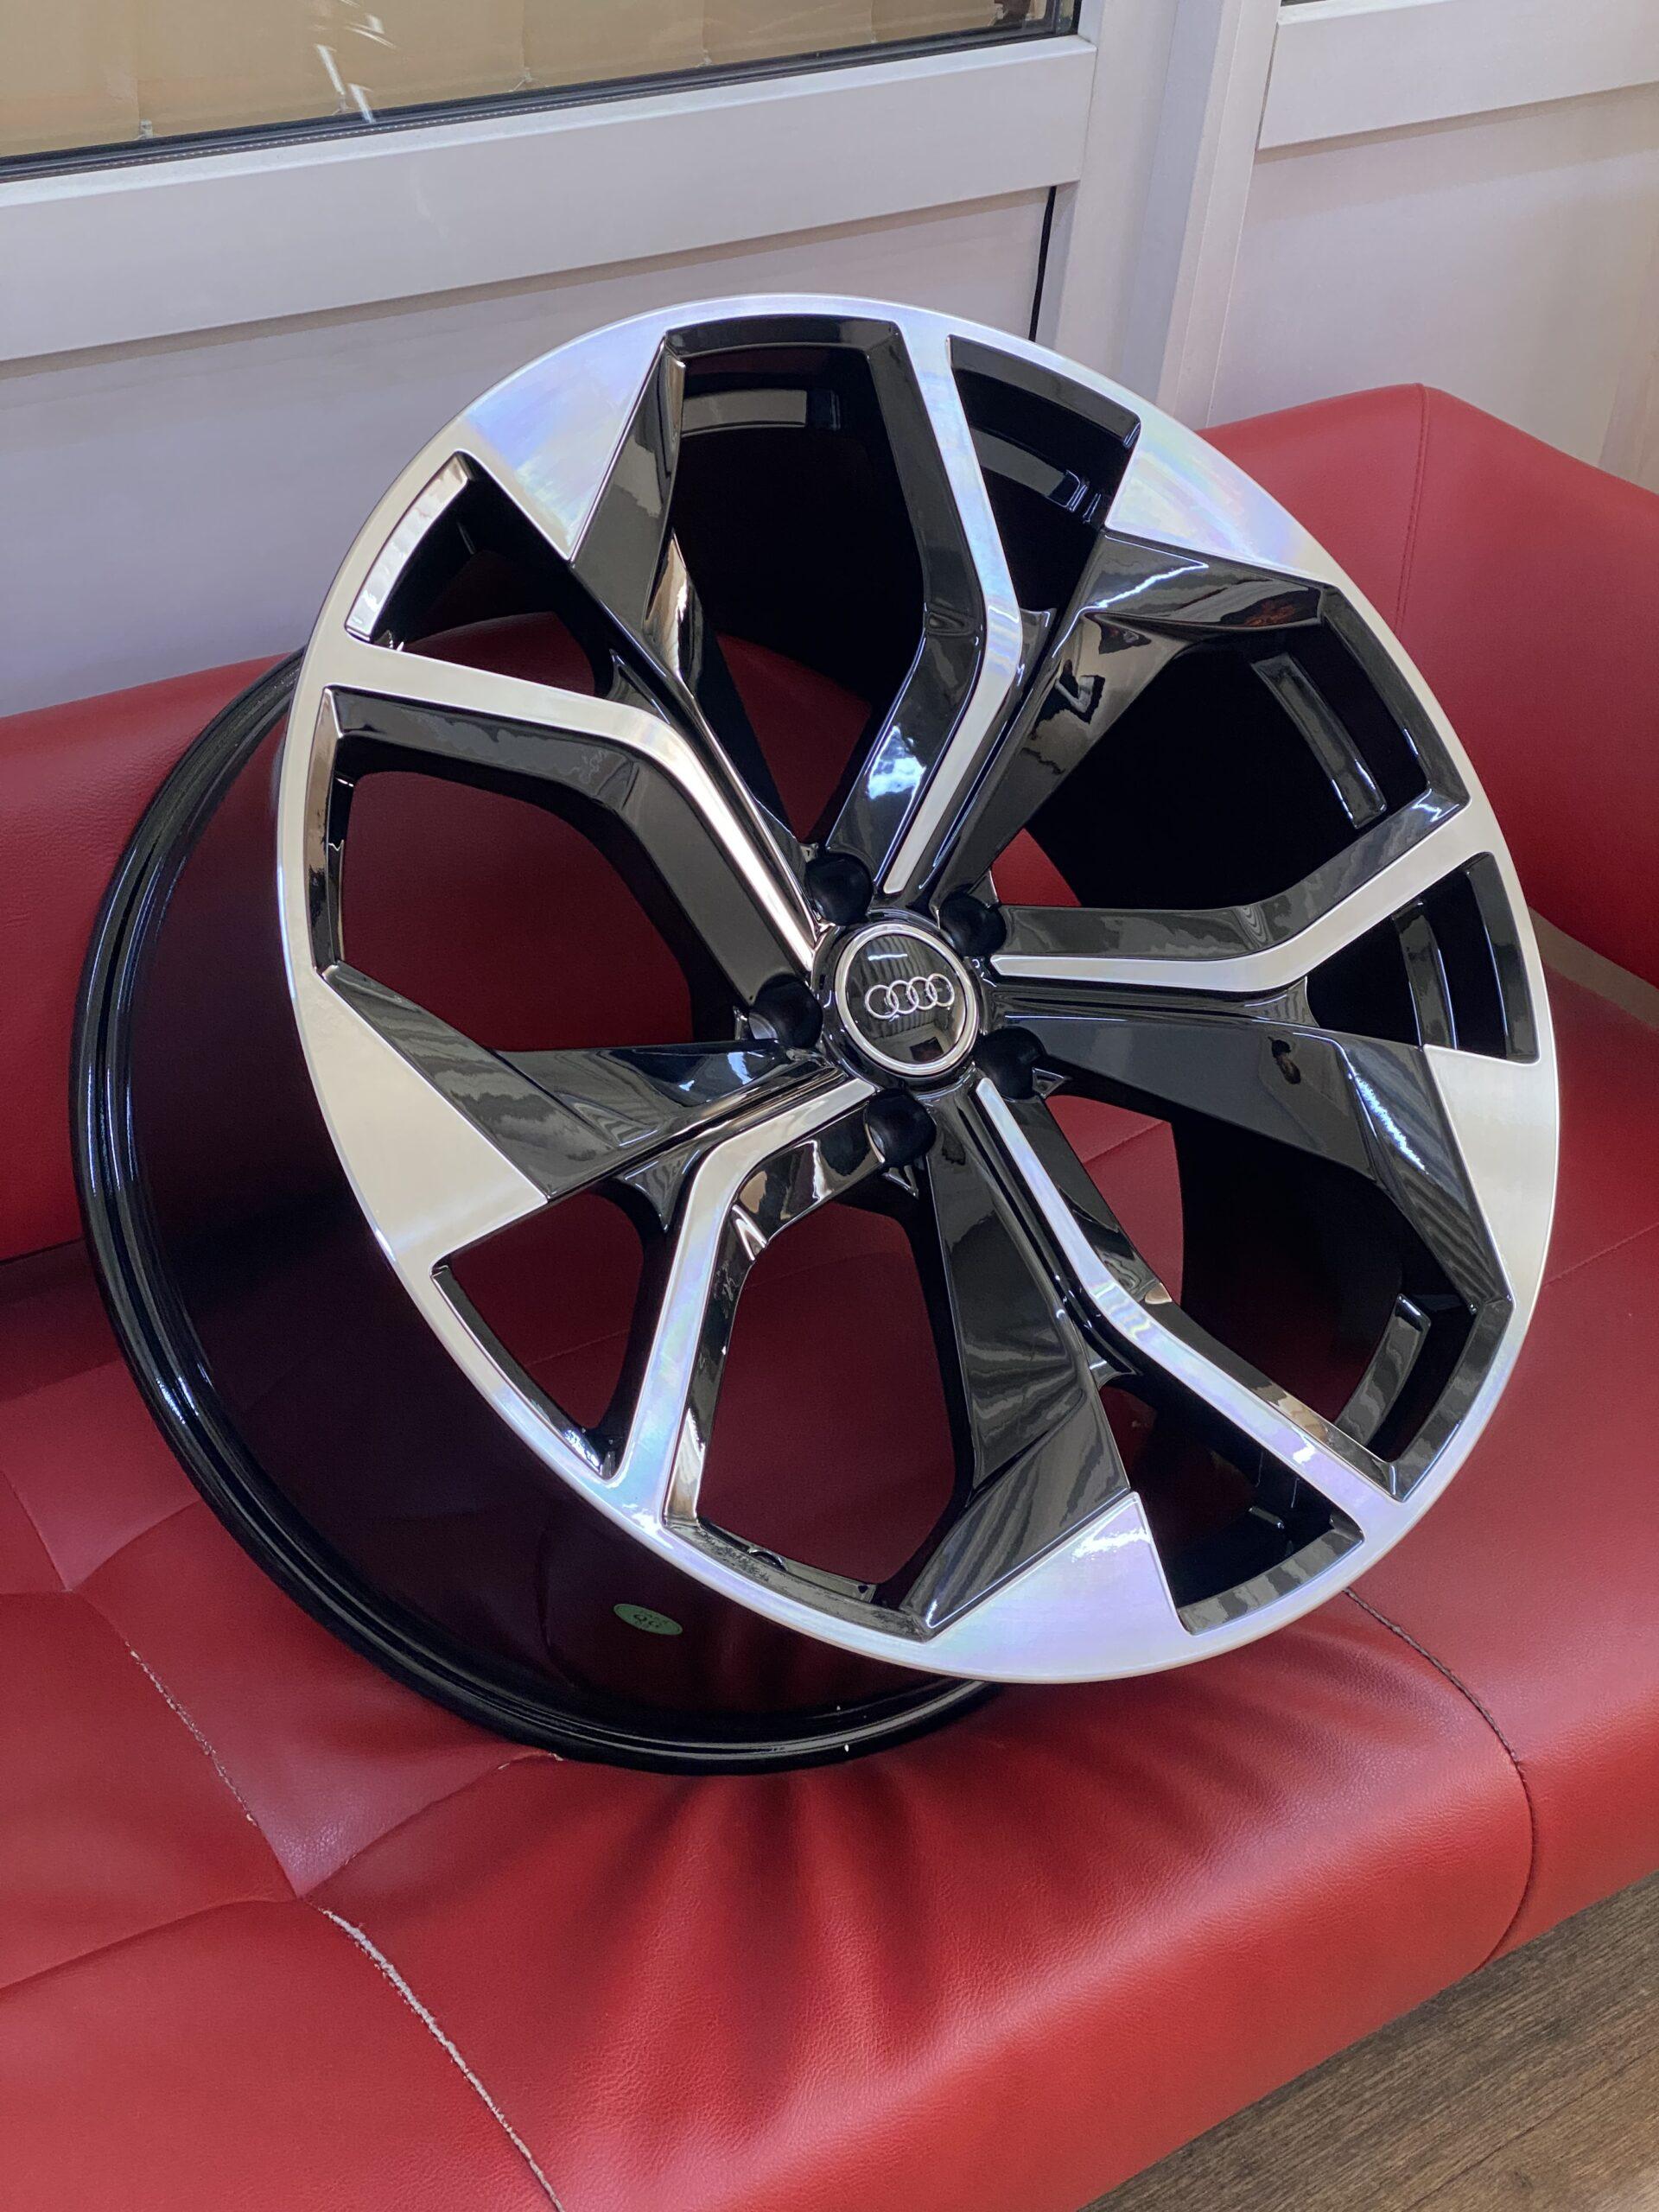 оригинальные Кованые диски Audi RSQ8 под заказ